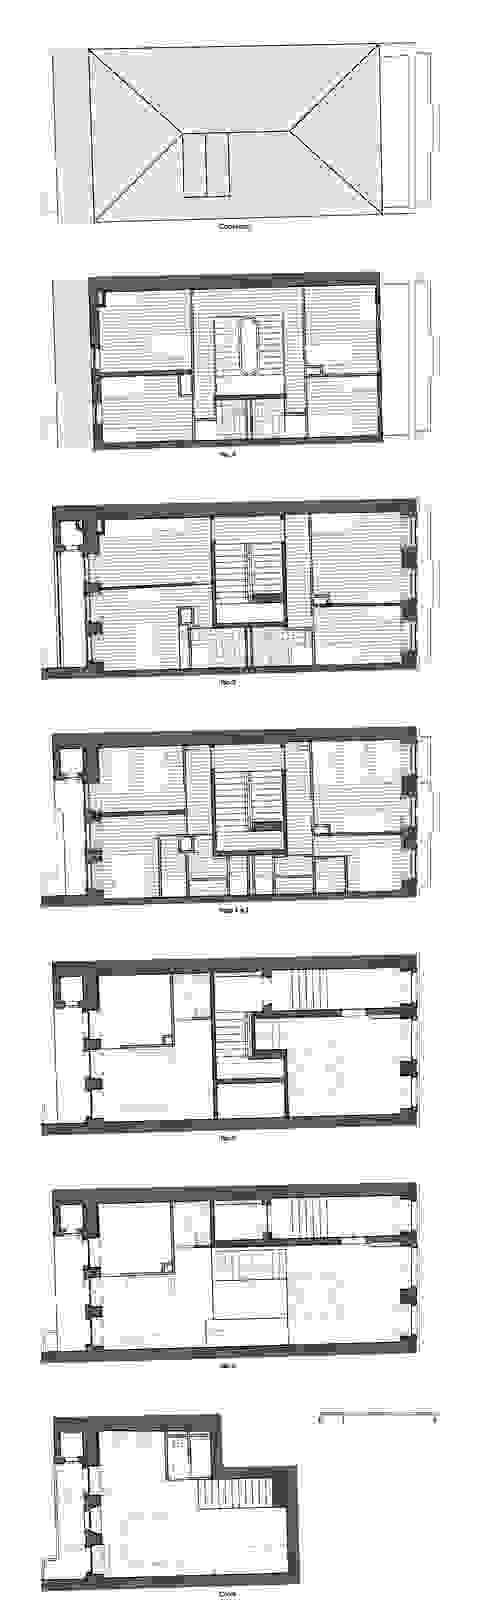 Plantas - Intervenção por Teresa Pinto Ribeiro   Arquitectura & Interiores Eclético